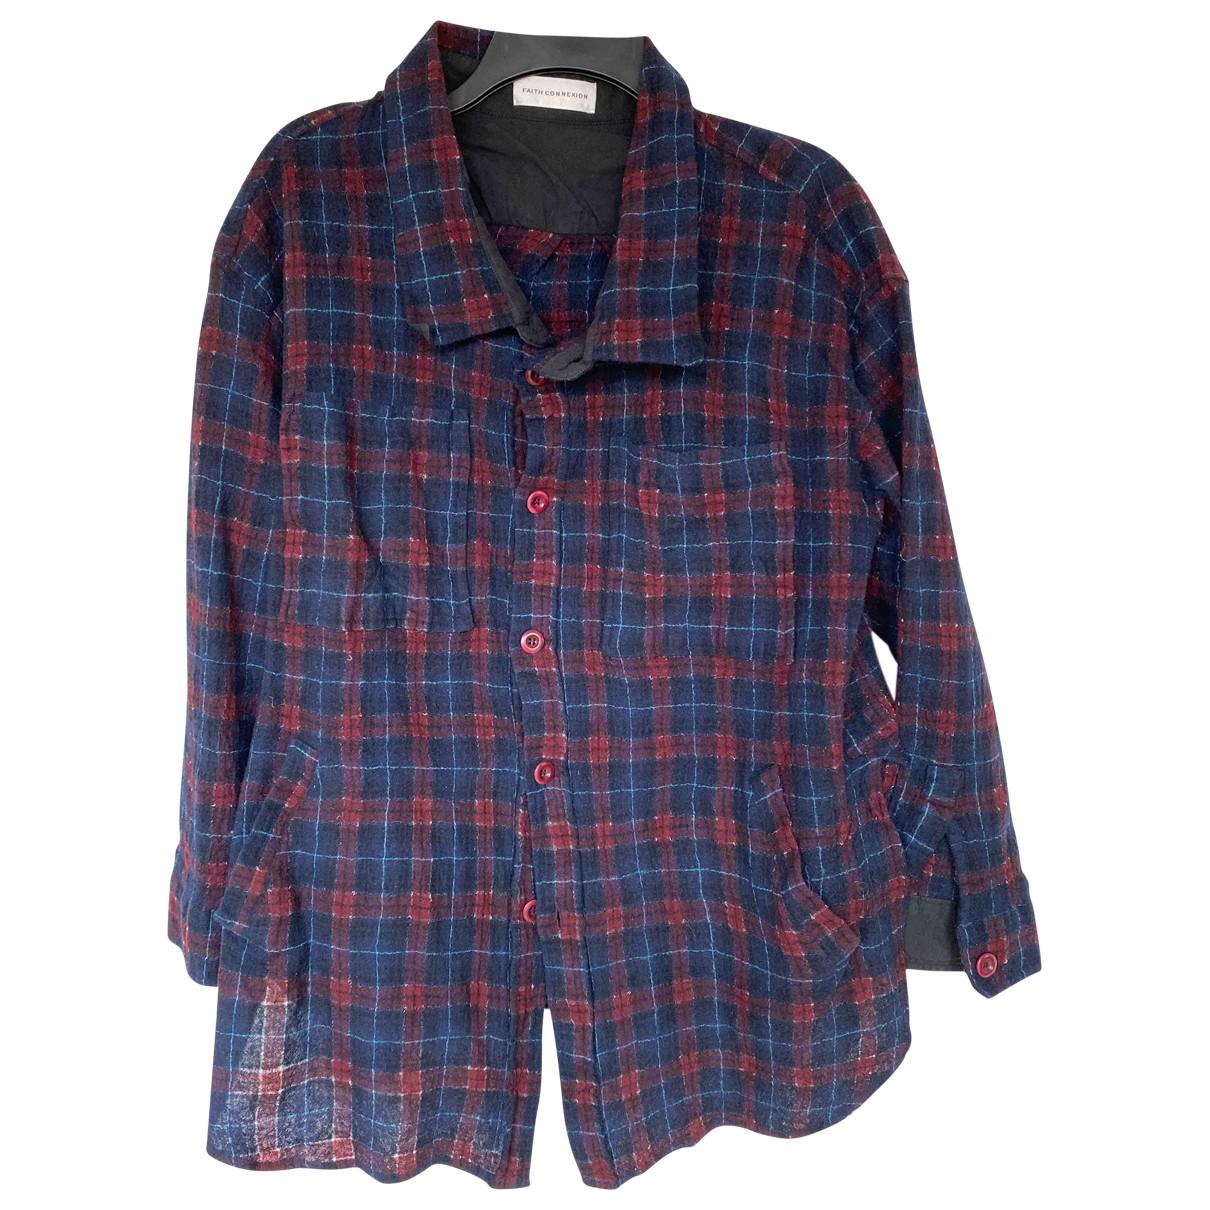 Camisa de Lana Faith Connexion